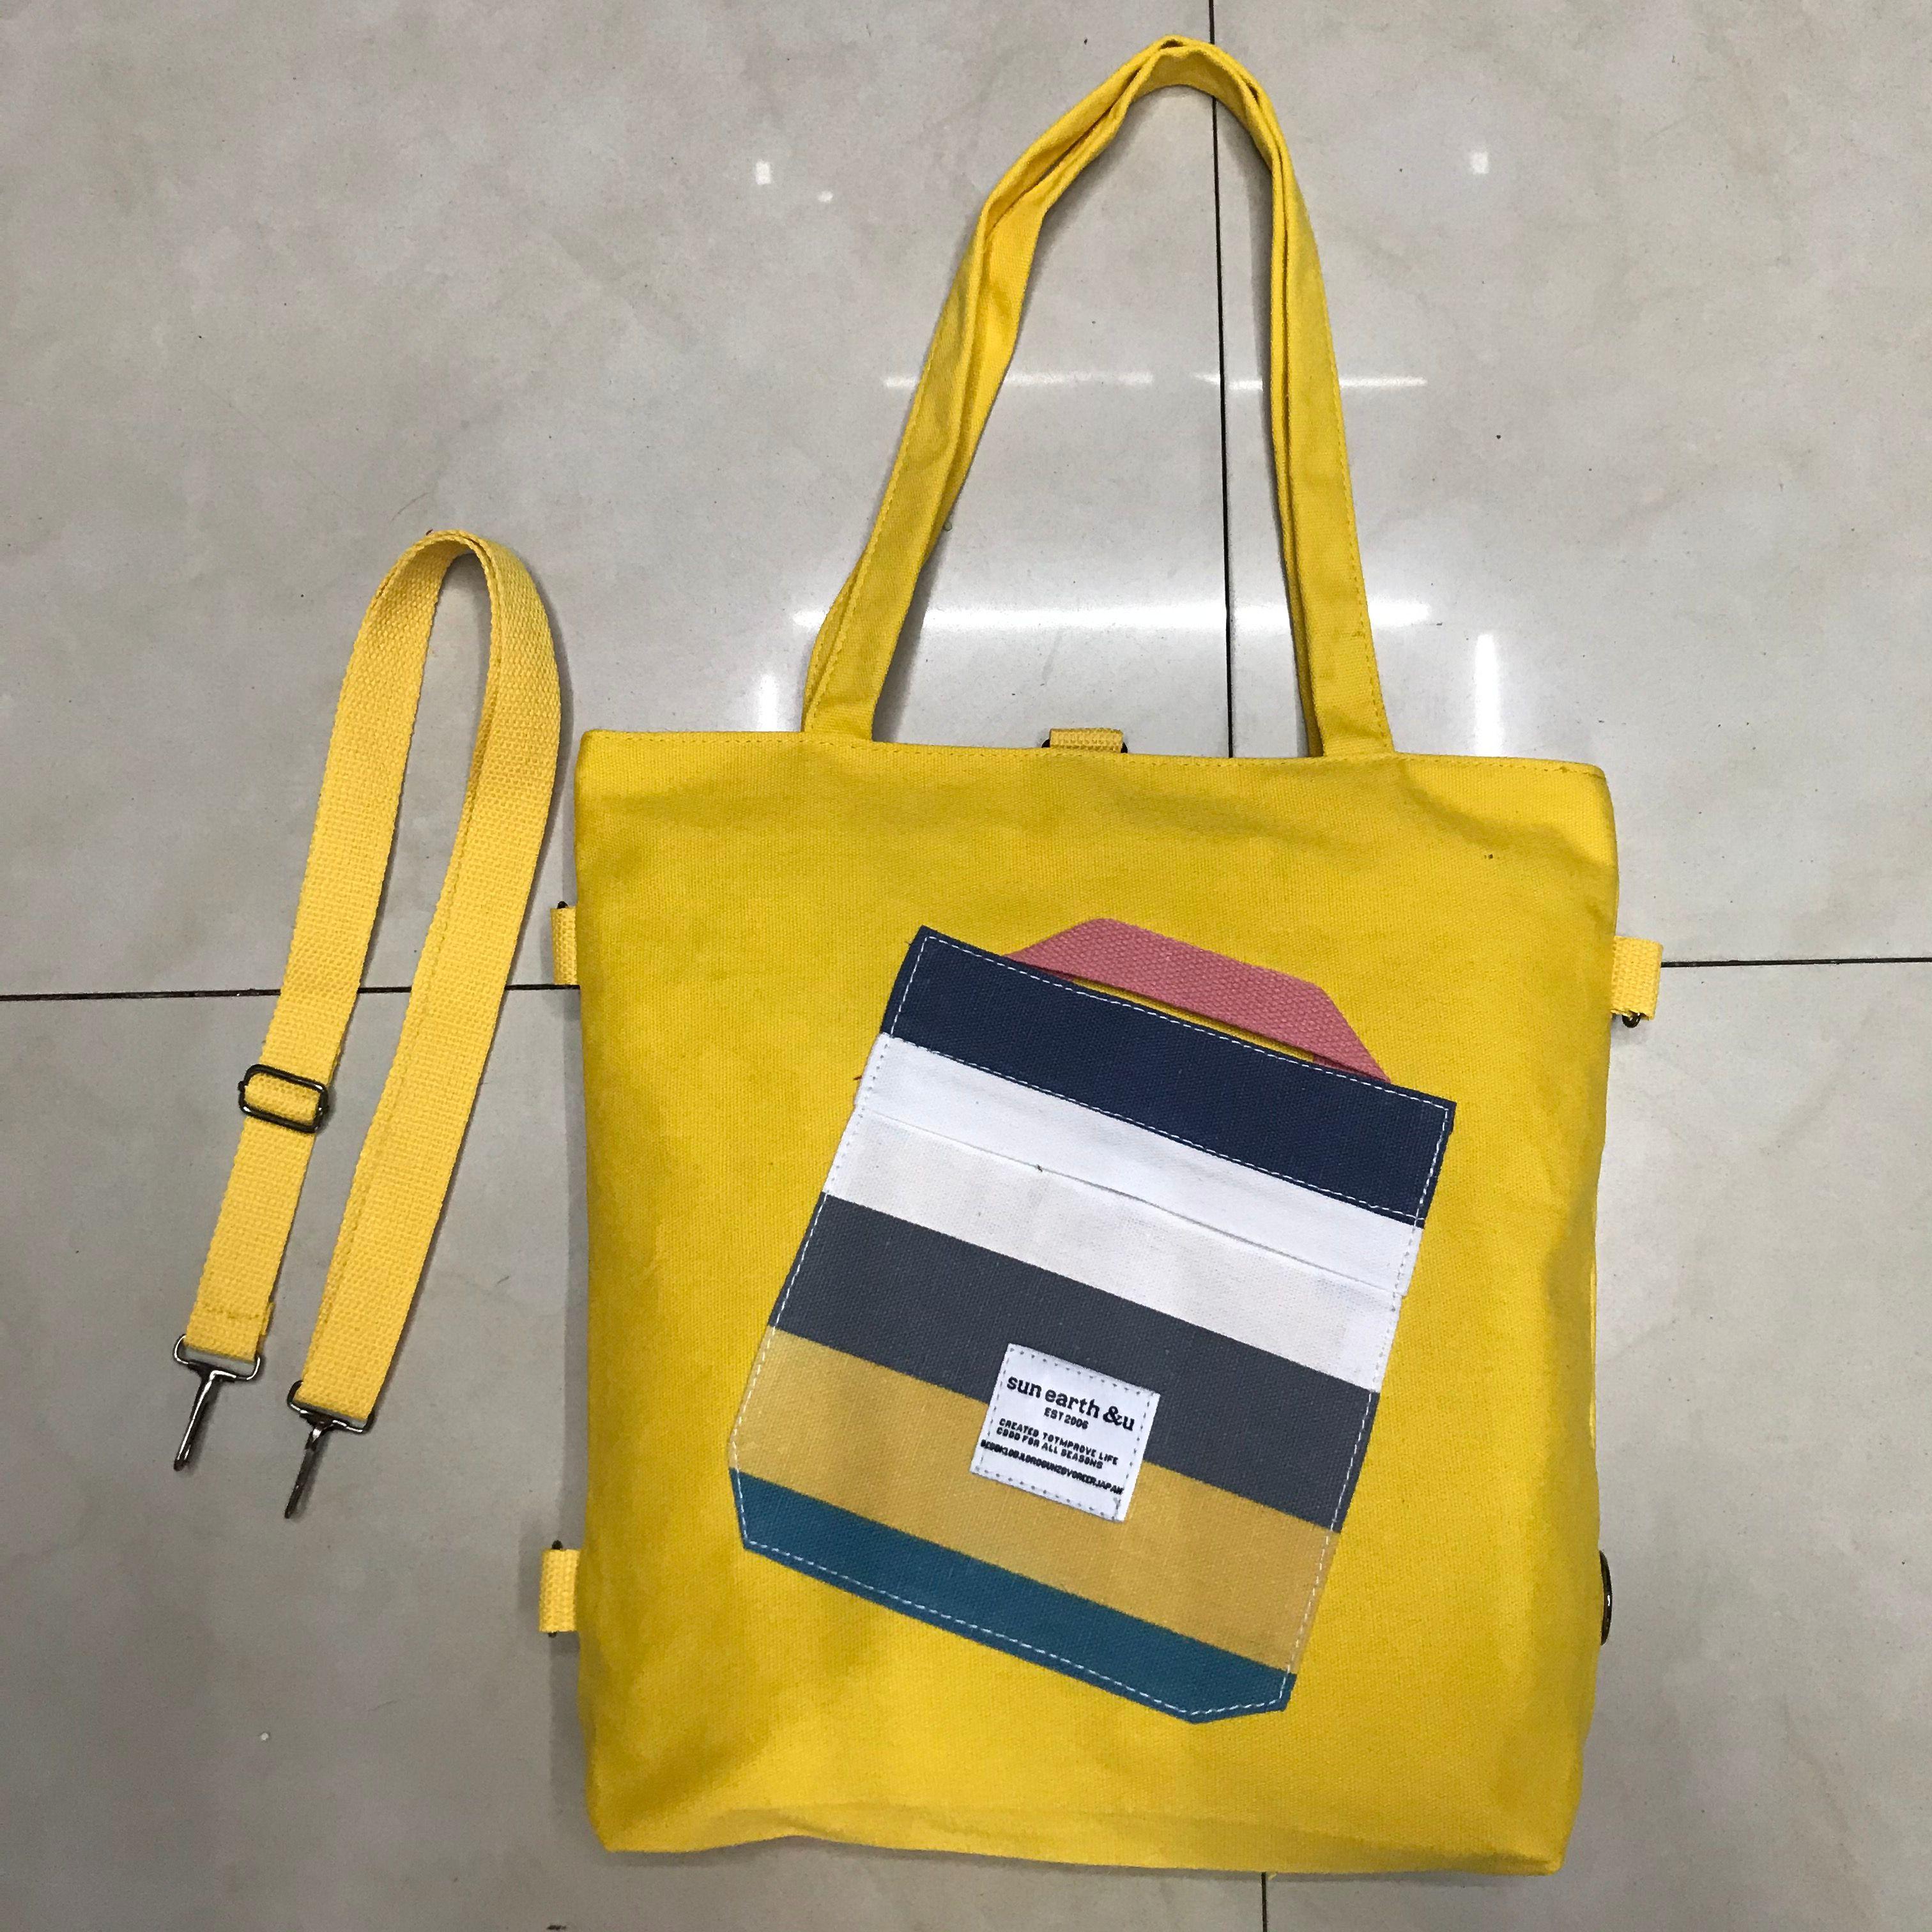 帆布包女斜挎多用大容量学生斜背装书的包百搭手提书包袋